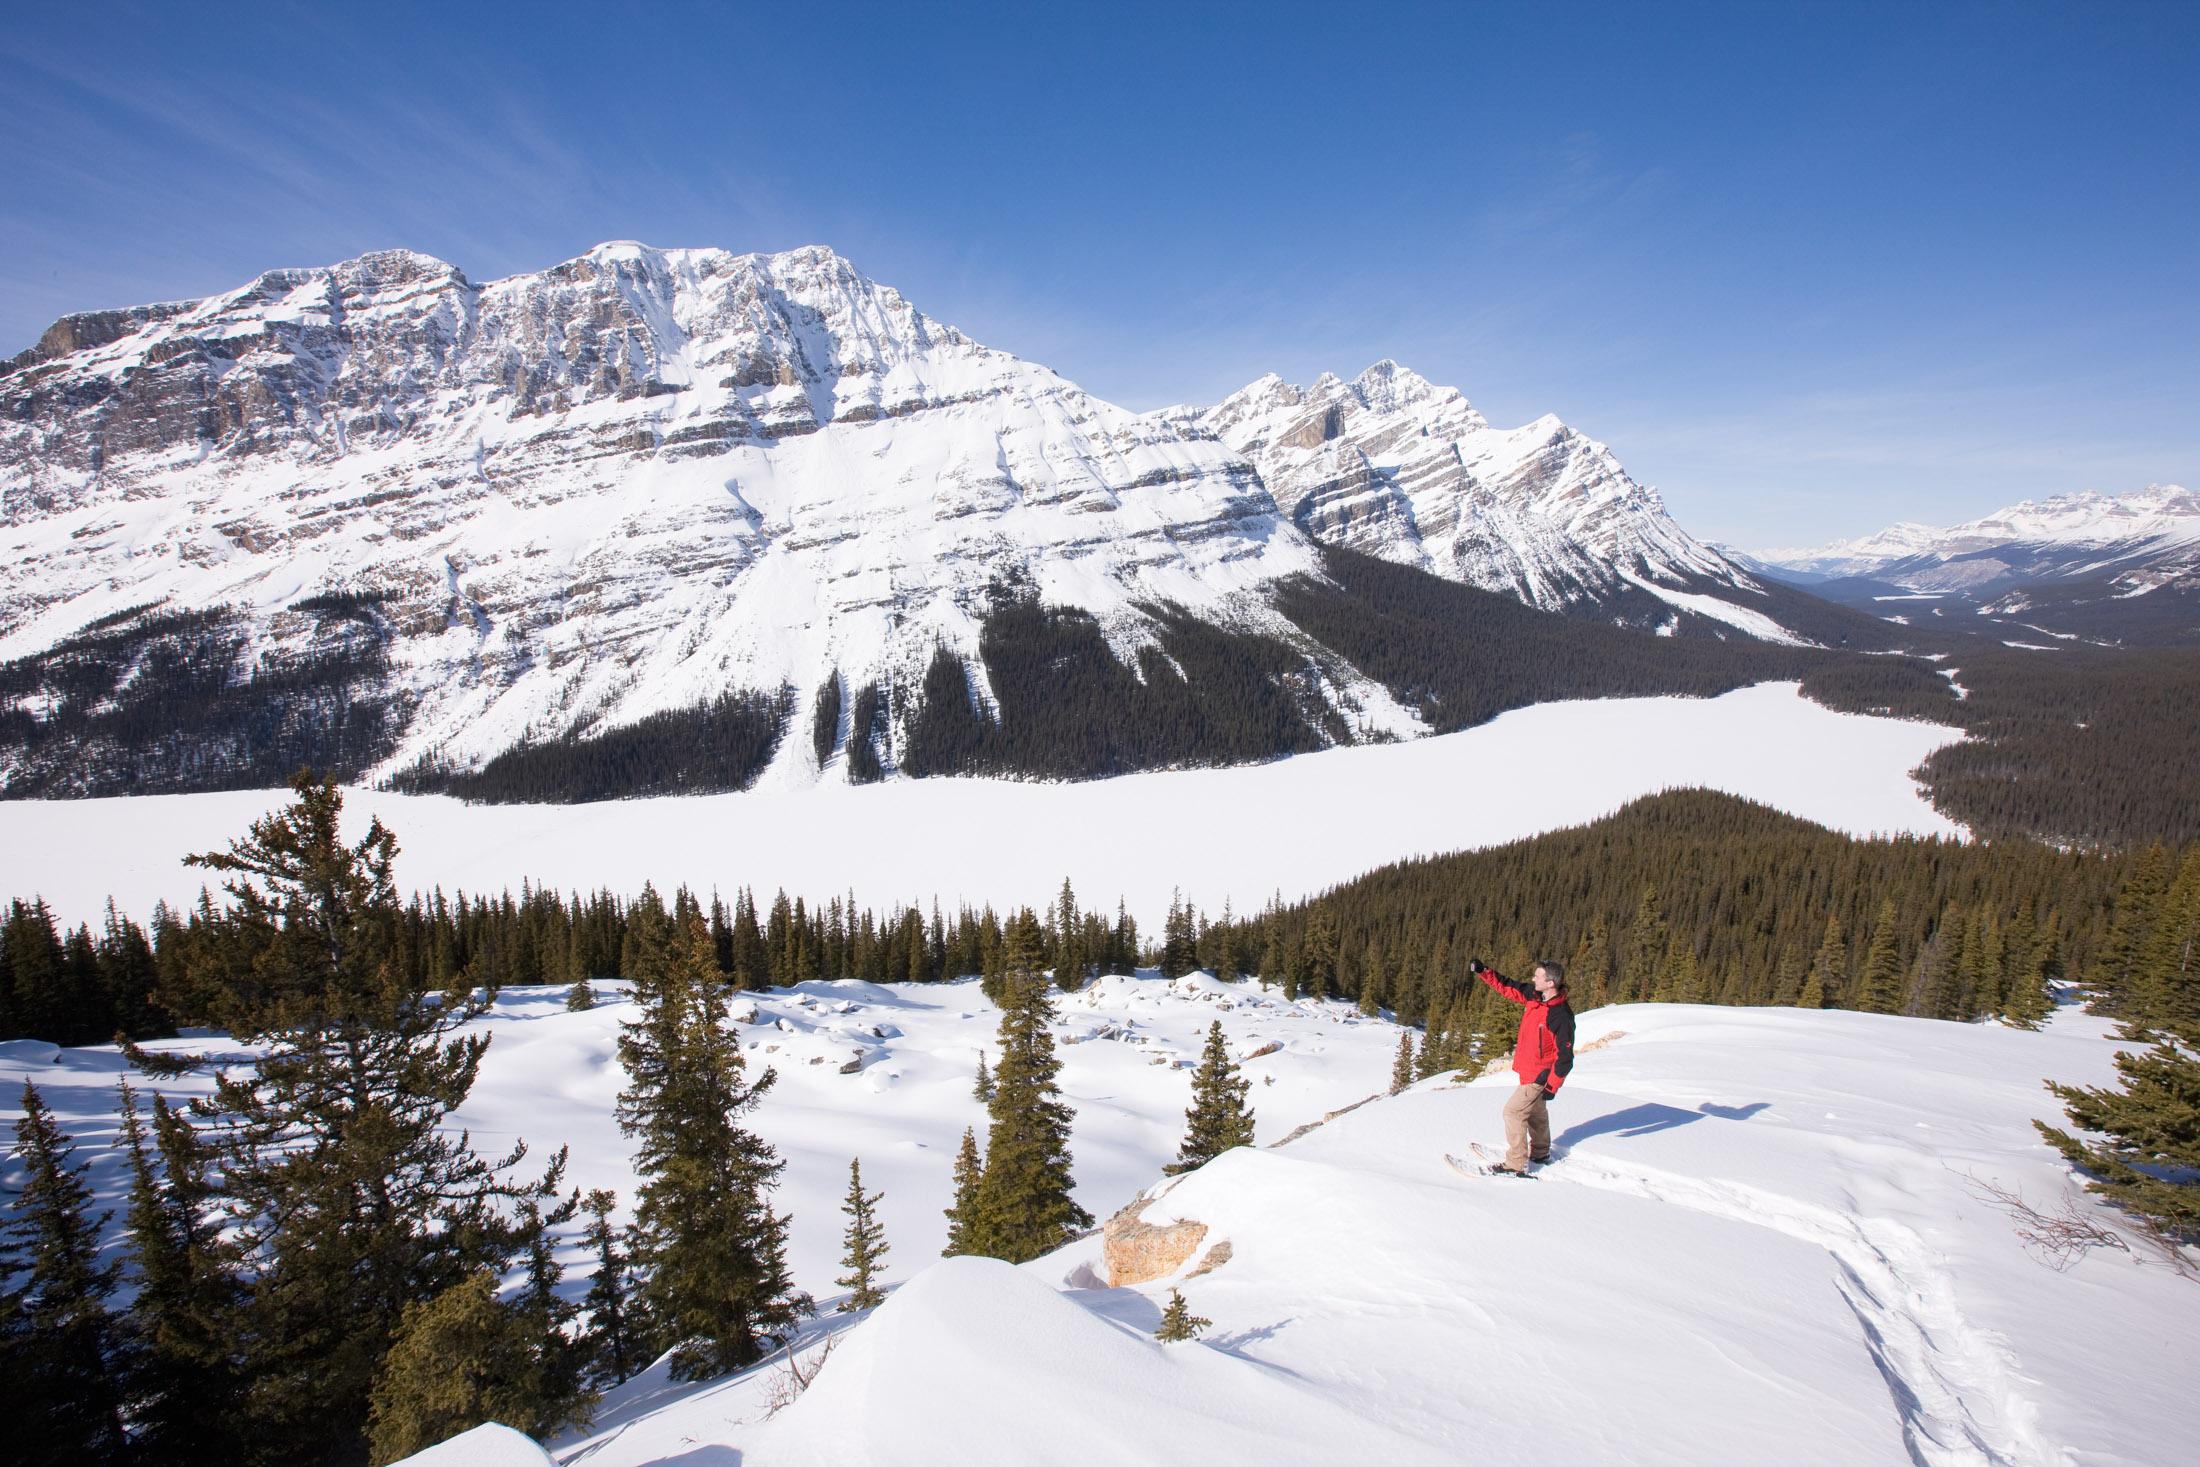 Un skieur photographie le lac Peyto dans le parc national Banff en Alberta.